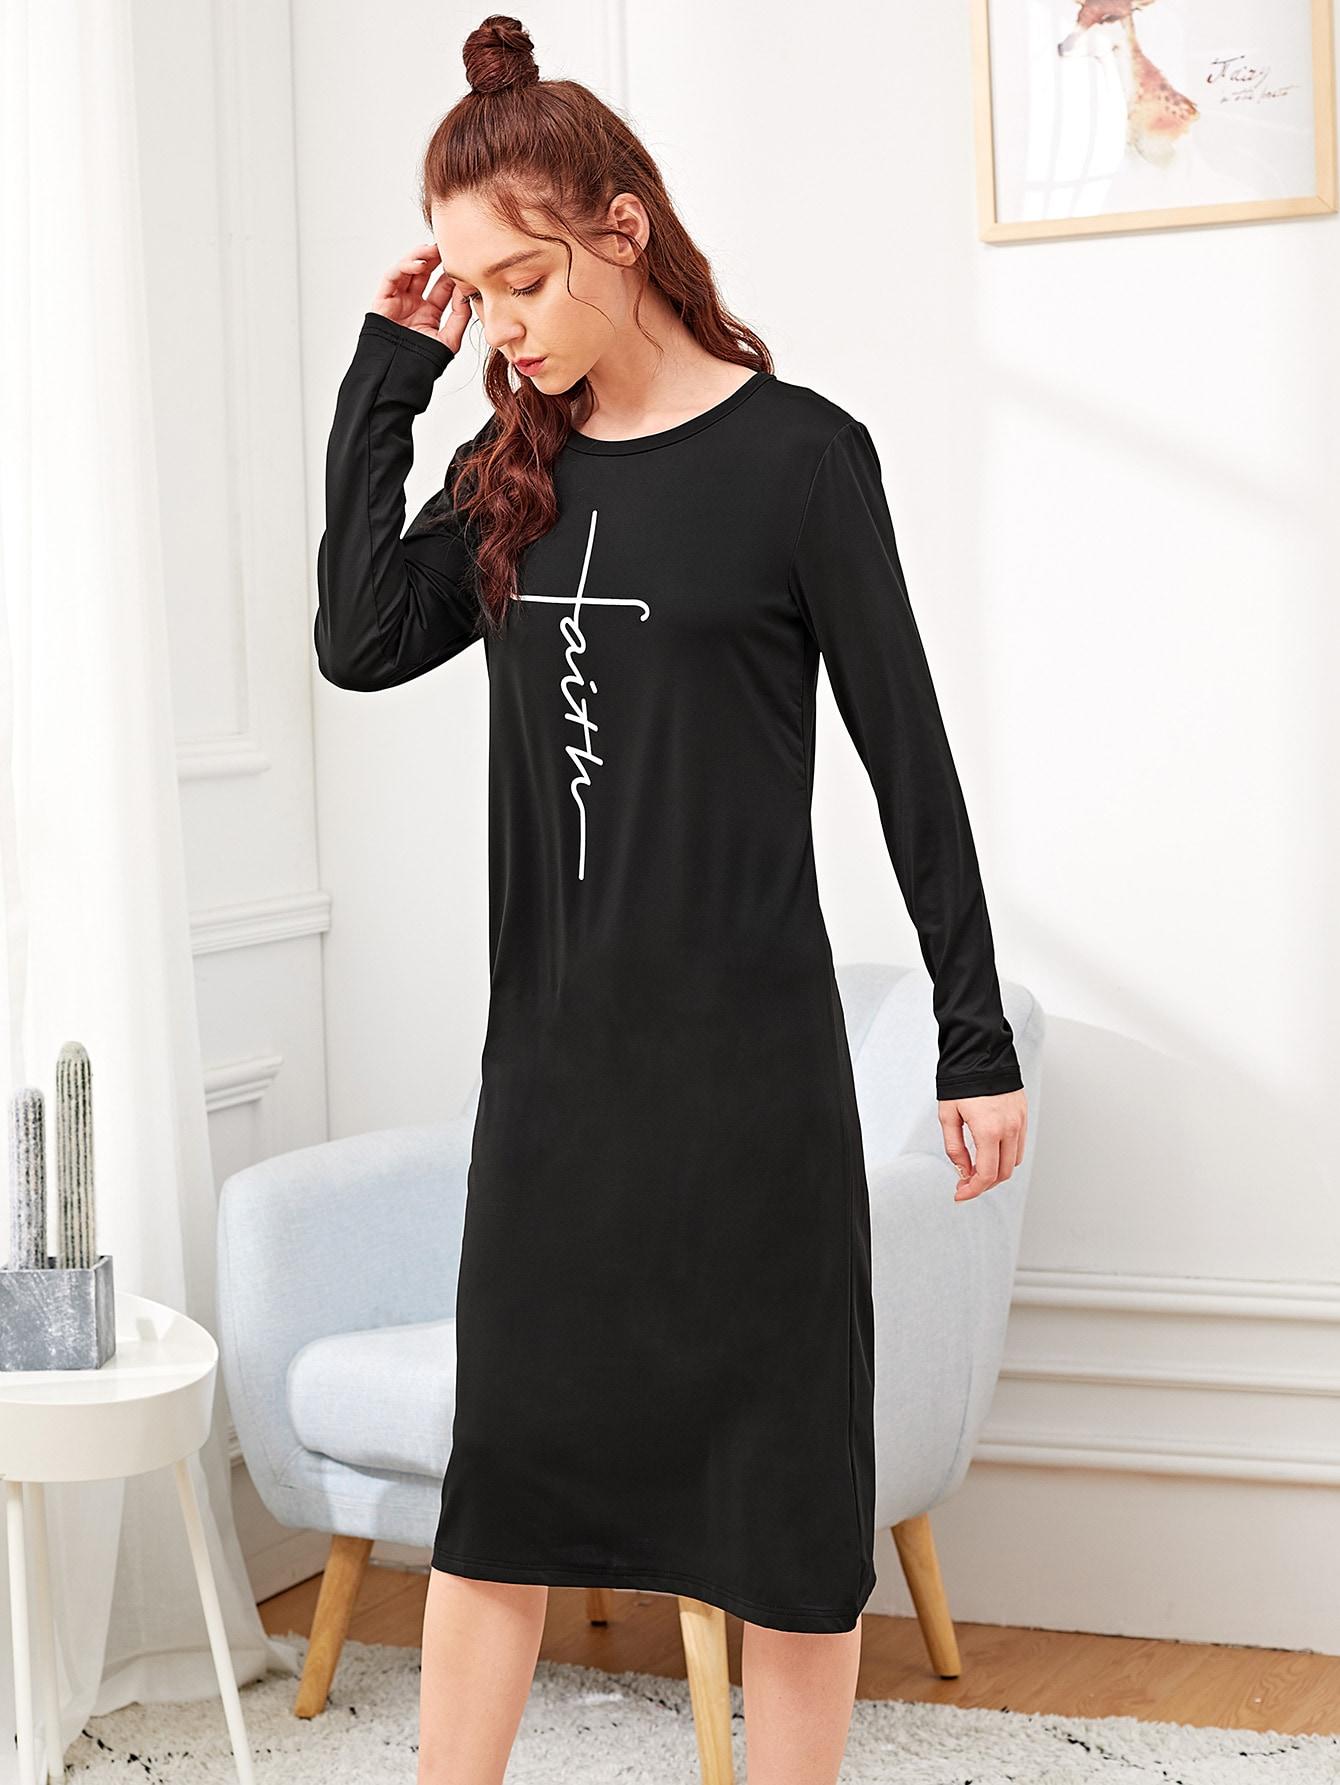 Купить Ночная сорочка с текствым принтом, Poly, SheIn